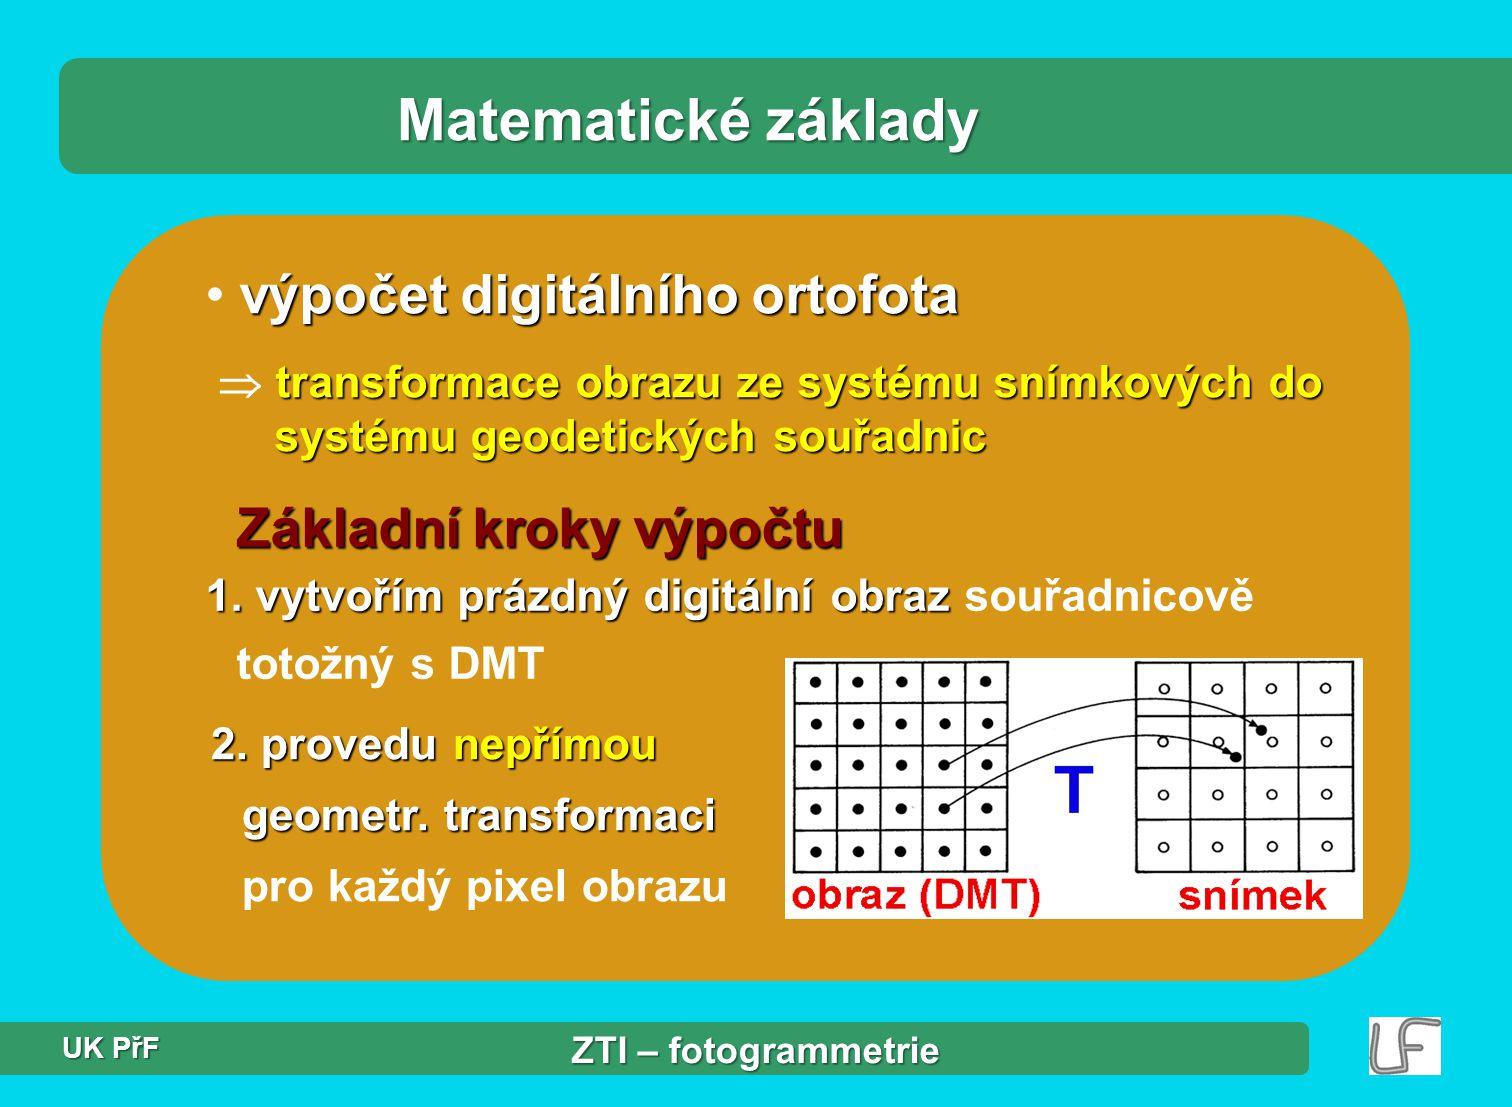 výpočet digitálního ortofota transformace obrazu ze systému snímkových do systému geodetických souřadnic  transformace obrazu ze systému snímkových d